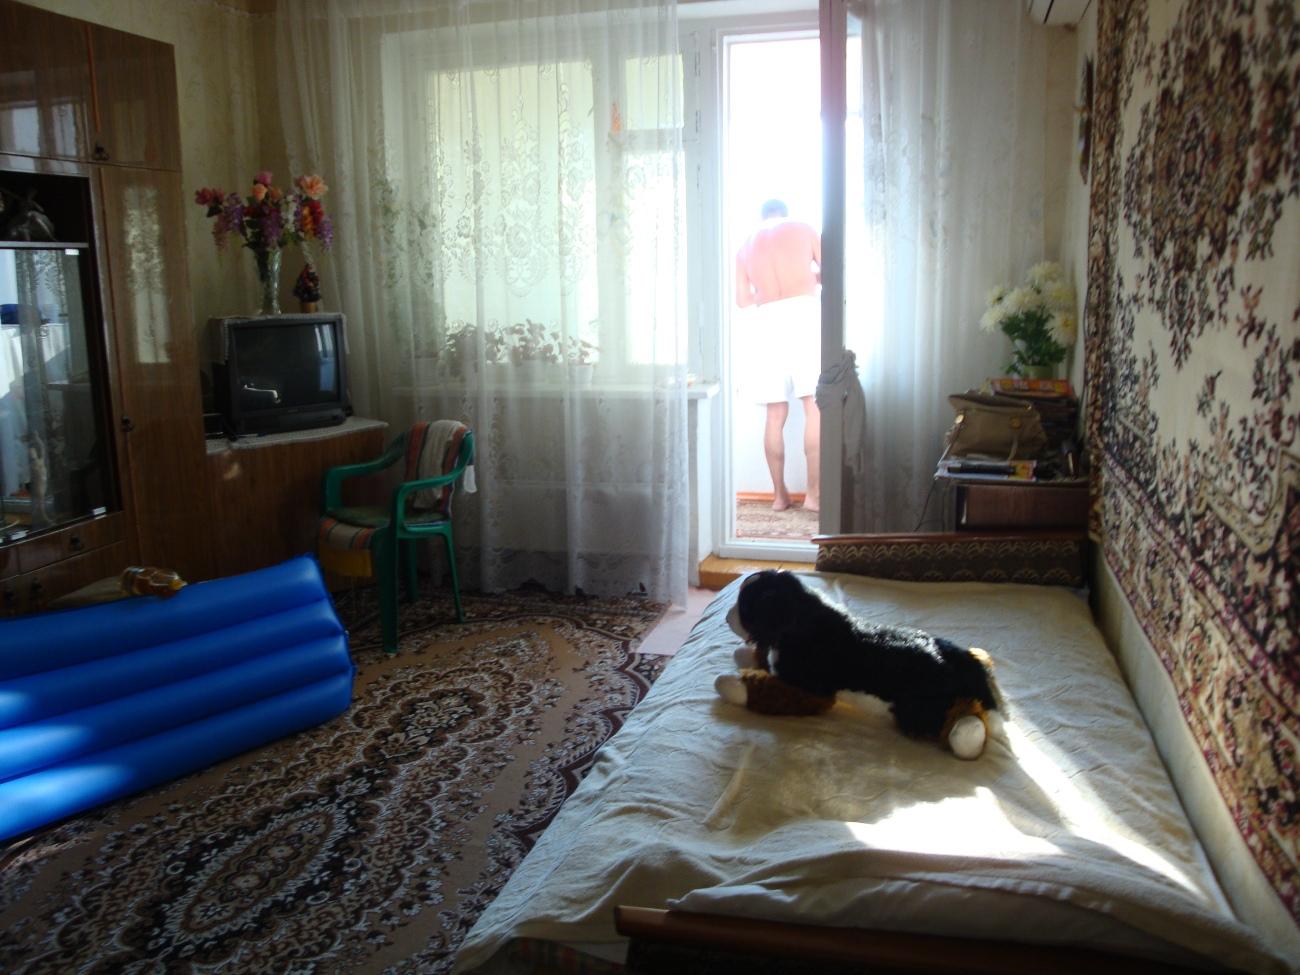 Как сделать квартиру уютной: простые советы (40 фото) 54